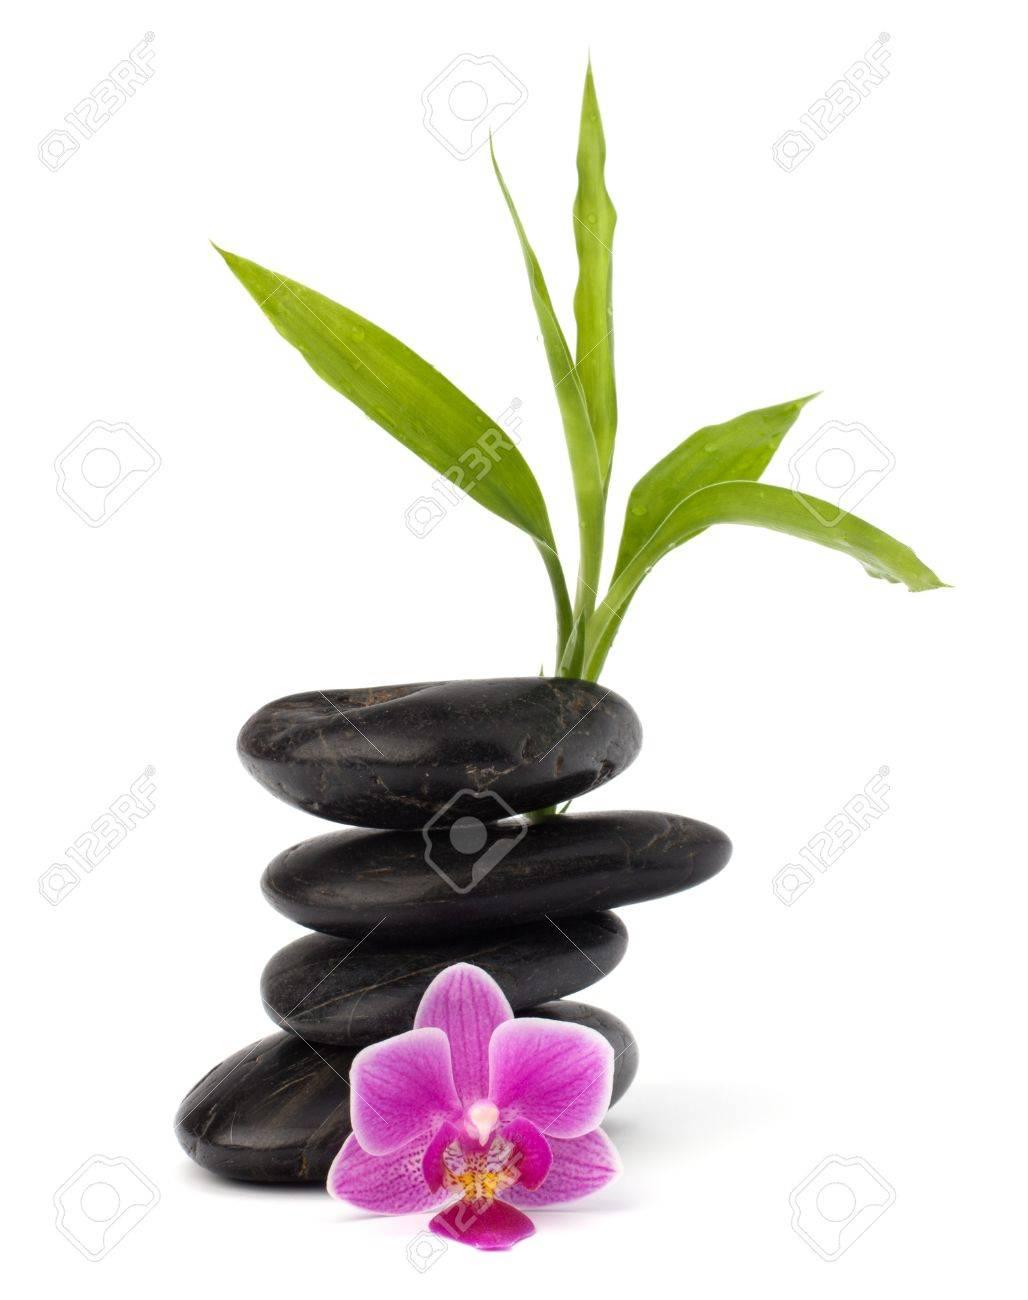 Zen pebbles balance. Spa and healthcare concept. Stock Photo - 9054280